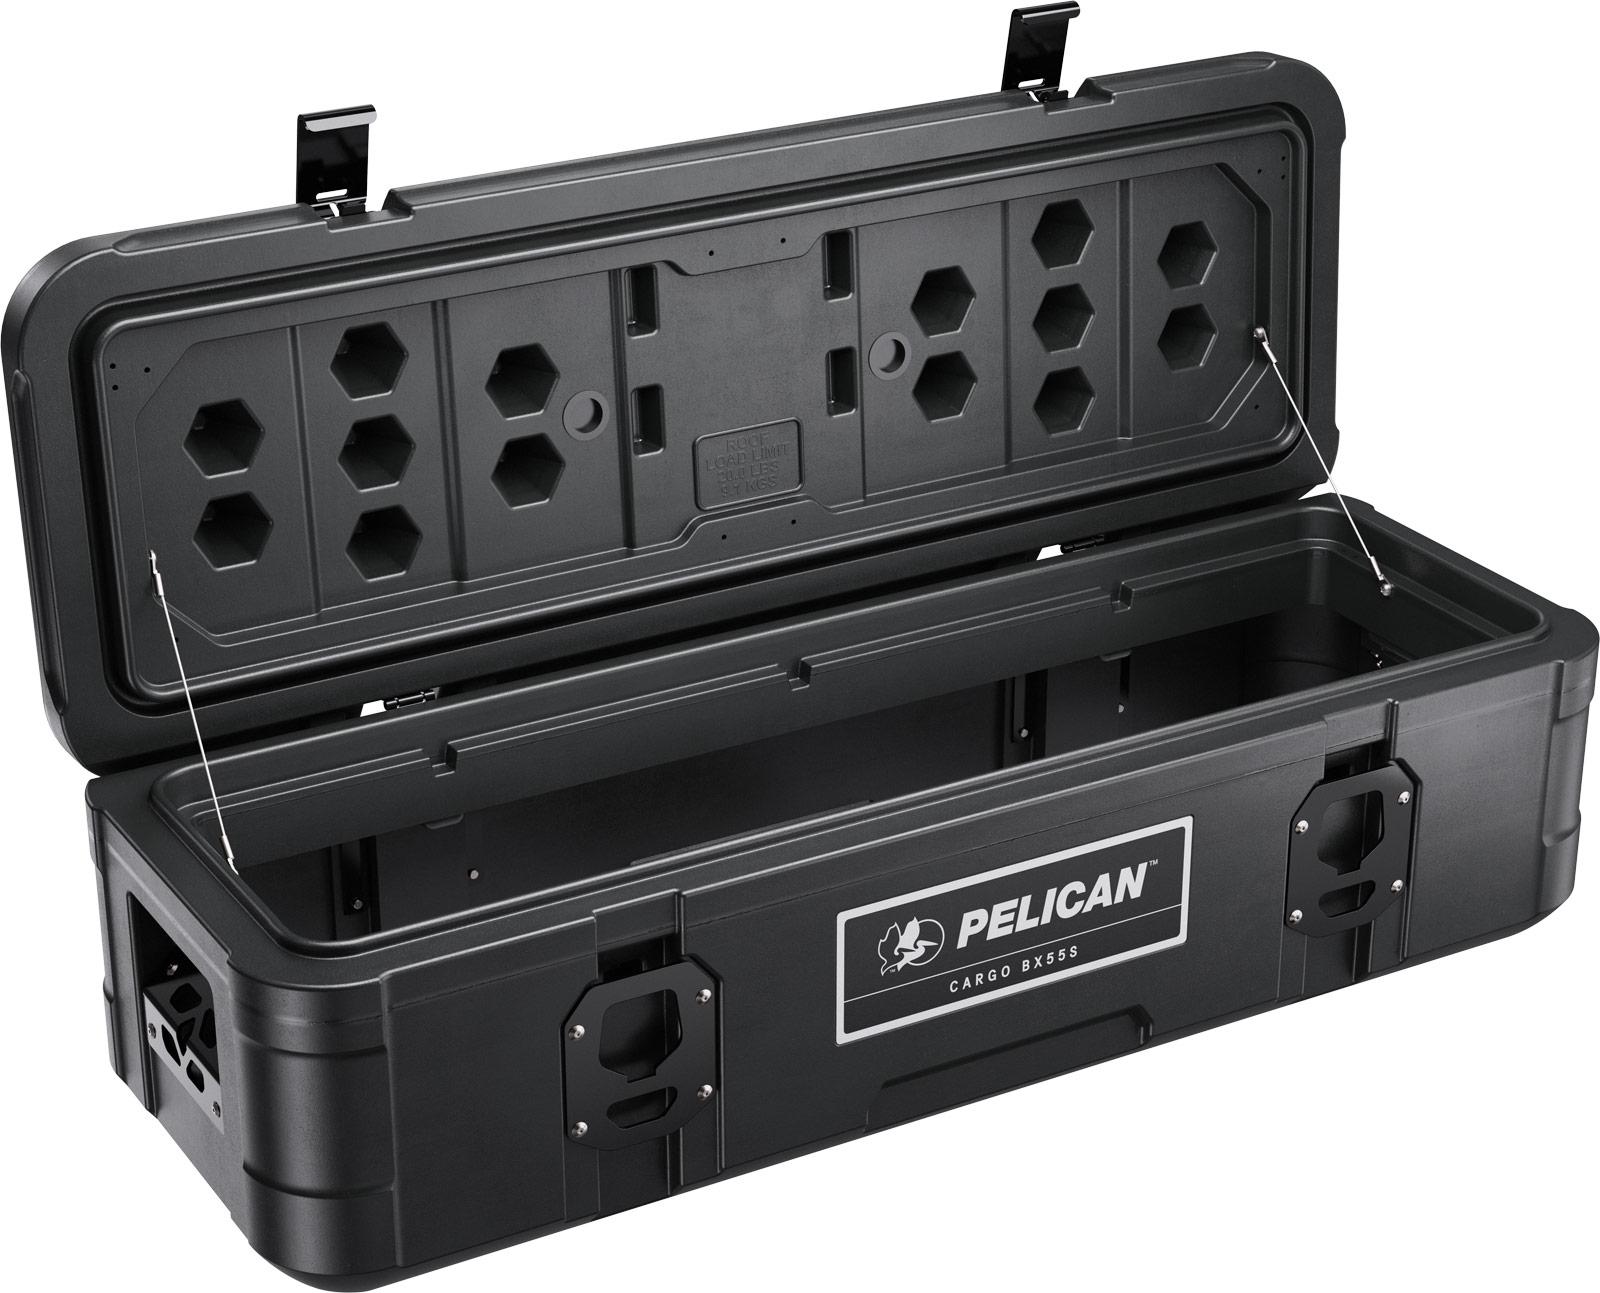 pelican cargo bx55s truck bed case